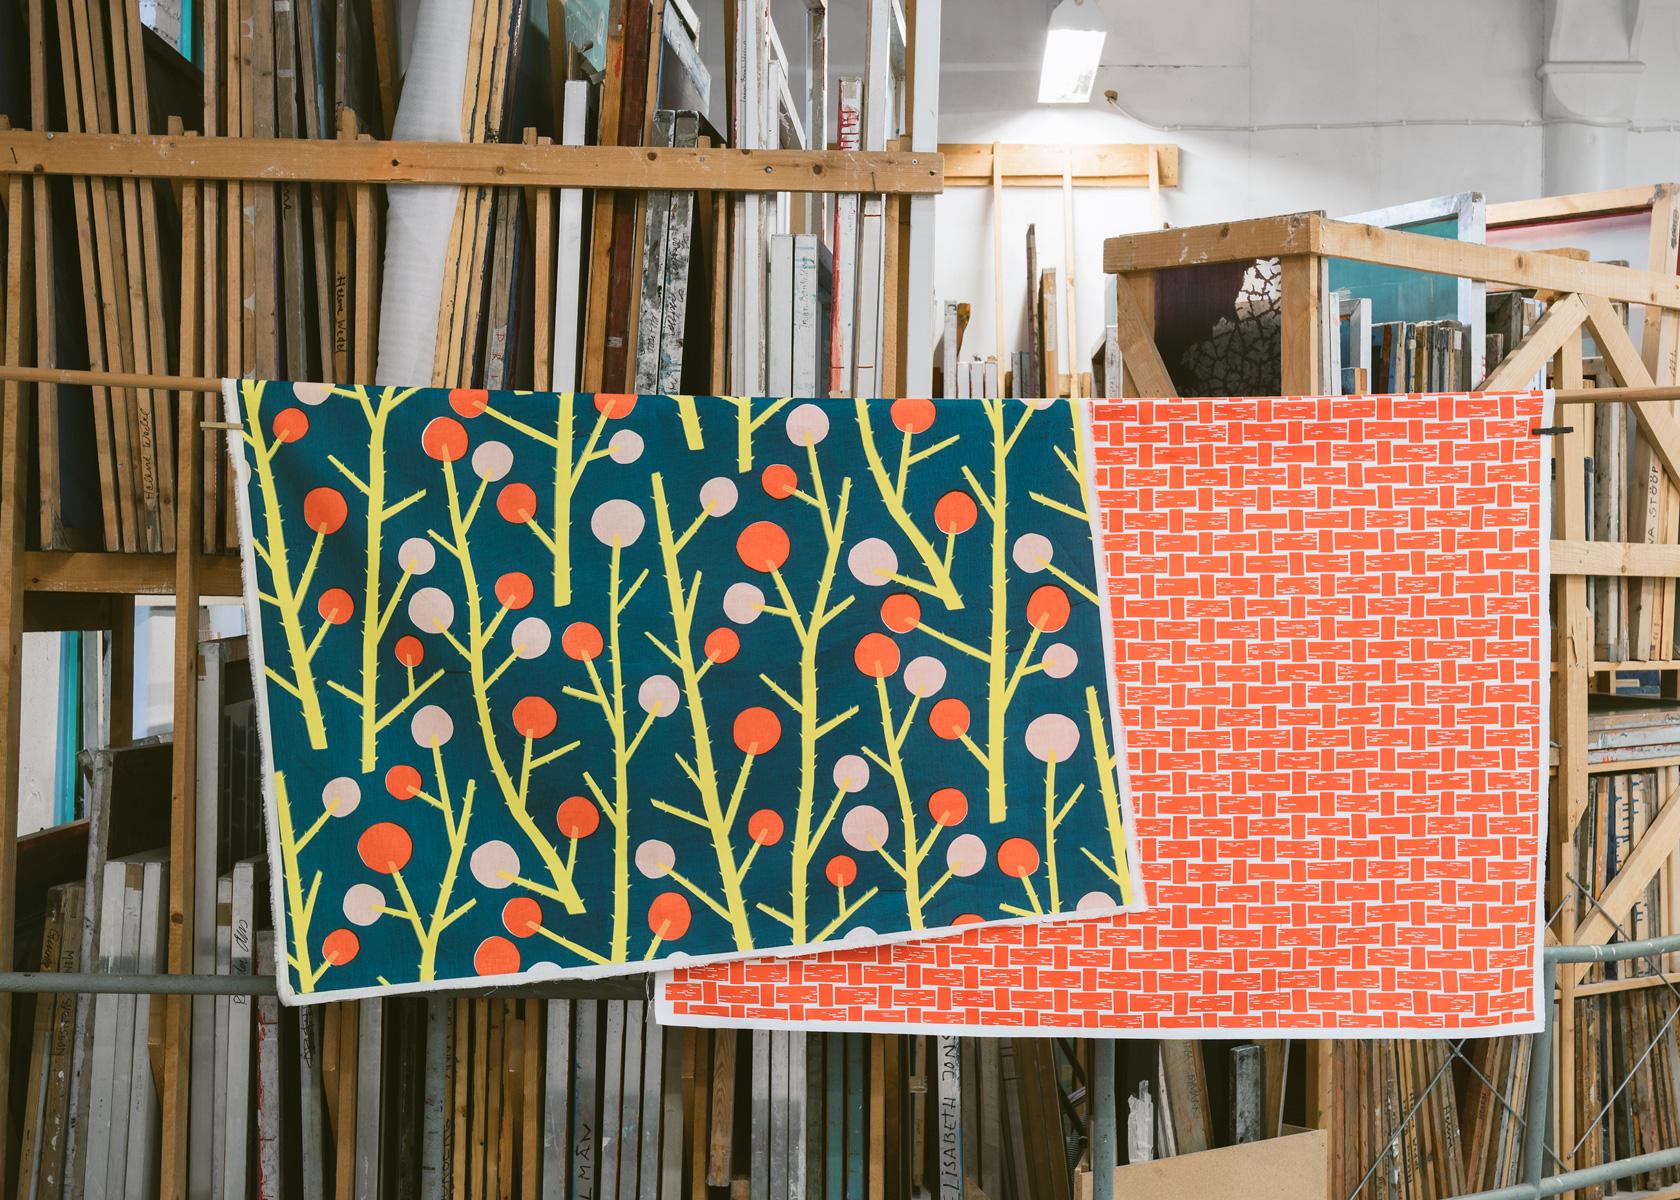 Taggloka och Näverfläta, handtryckta mönster från nyetablerade Studio Murkla. (Foto Hilda Grahnat)